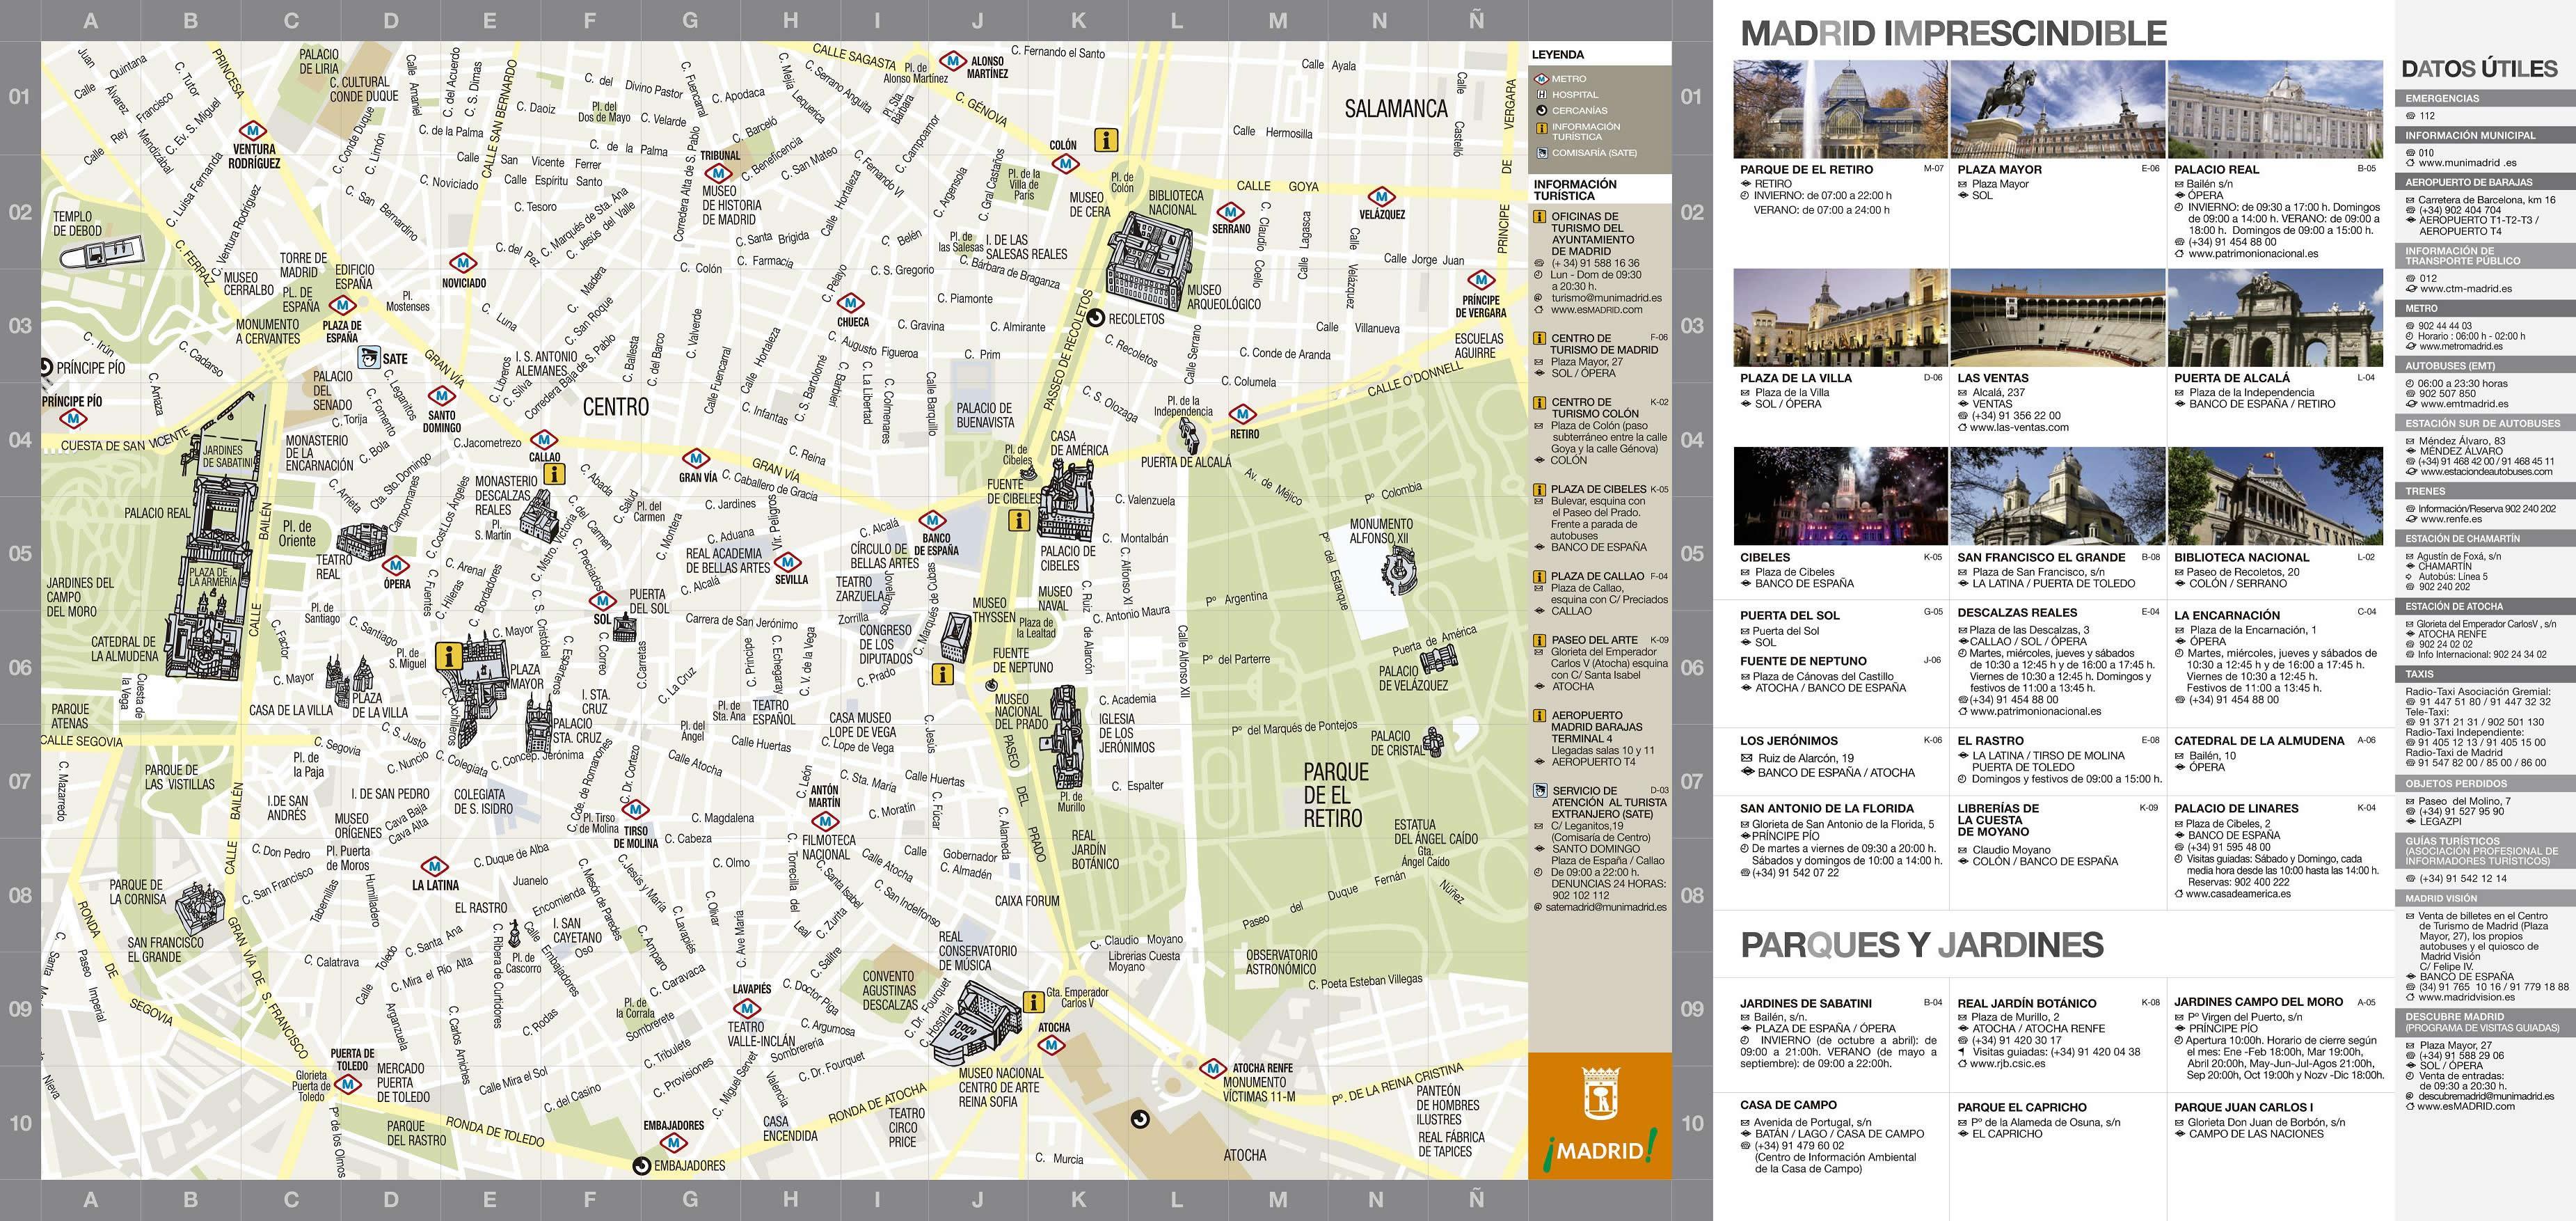 Mapa turístico de Madrid 2009